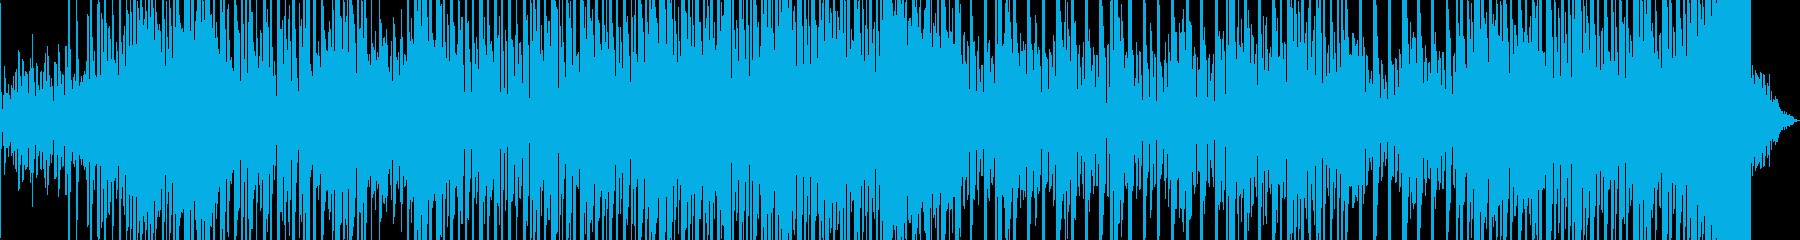 ダークな雰囲気のエレクトリックBGMの再生済みの波形